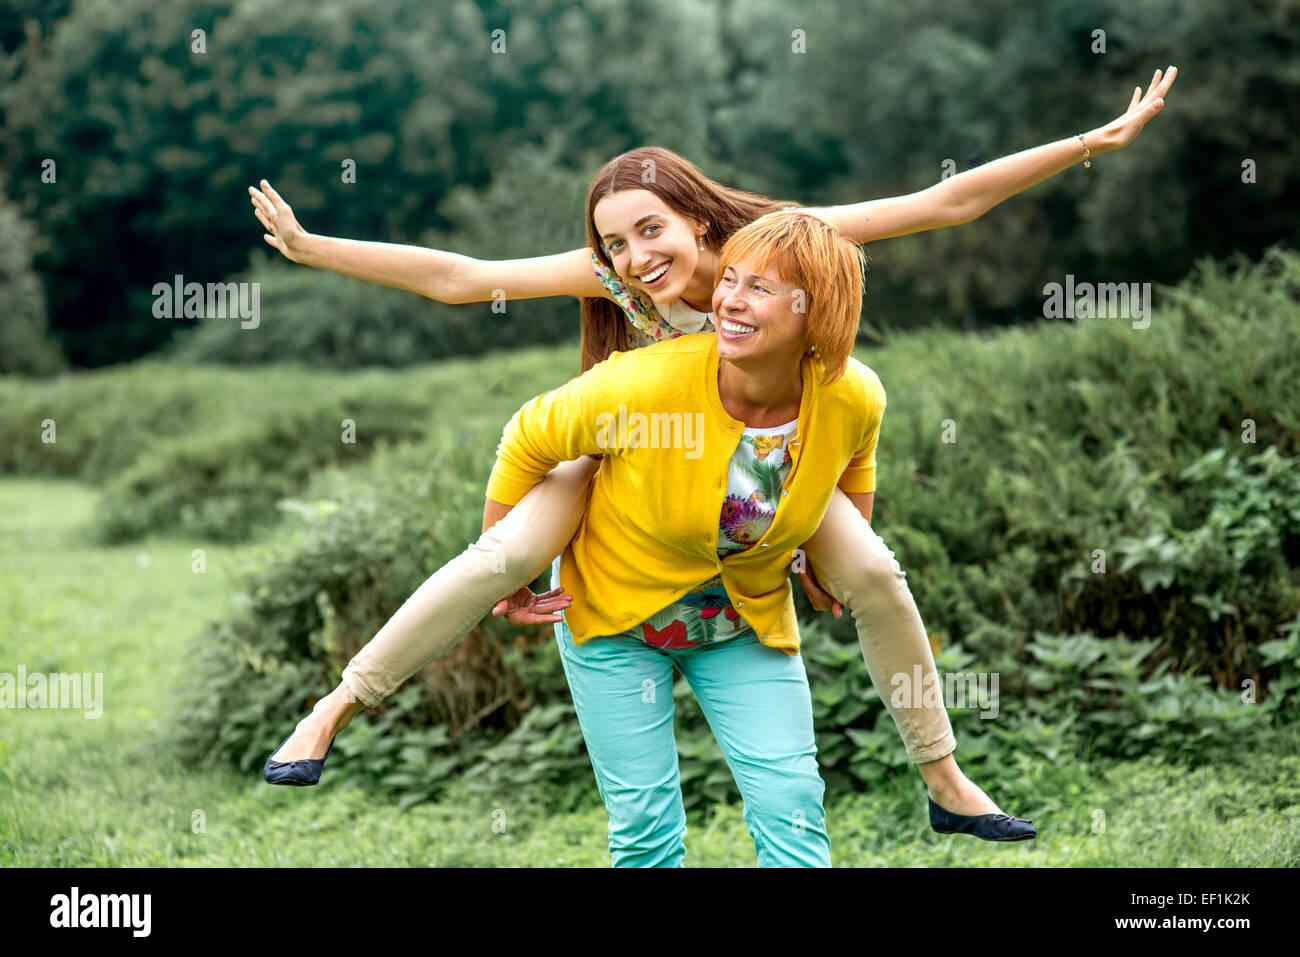 Madre dando piggyback montando a su hija en el parque Imagen De Stock